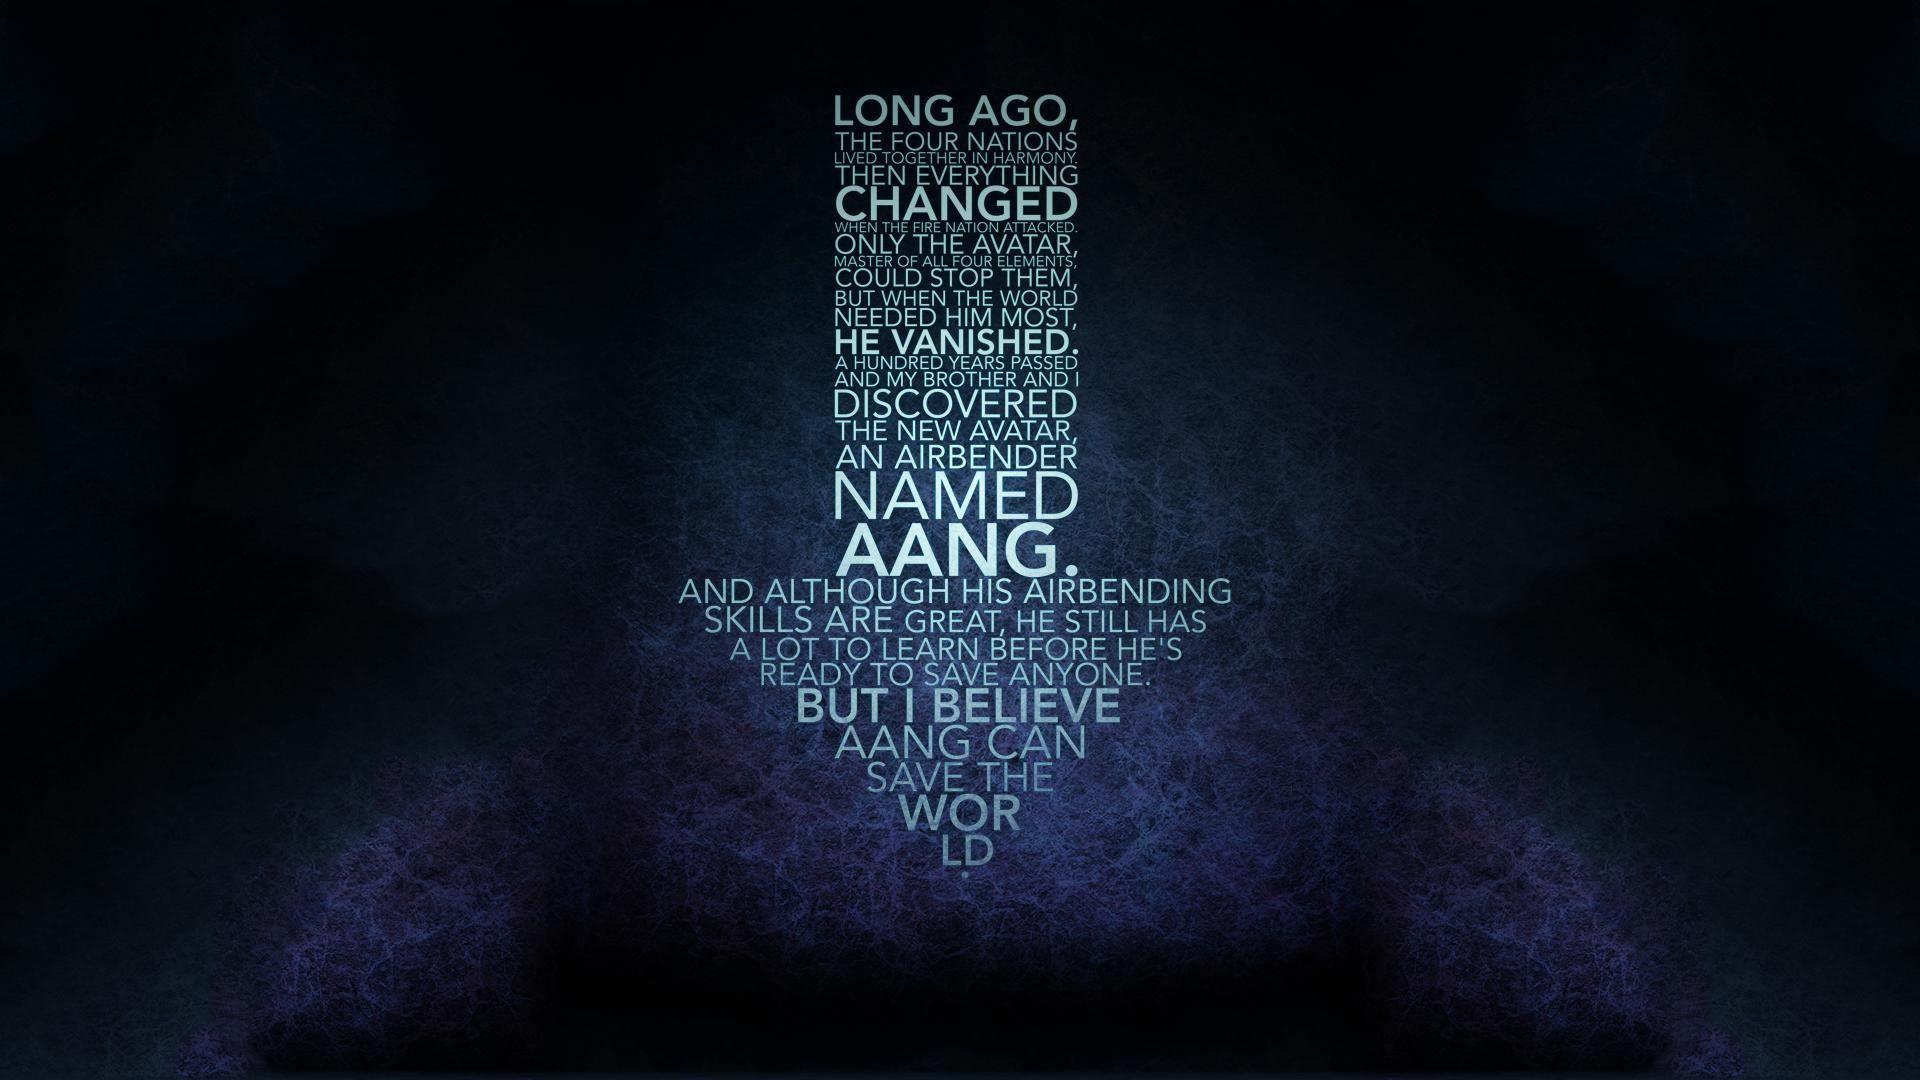 Avatar The Last Airbender Aang Arrows Design Typography Quote Wallpaper Avatar The Last Airbender The Last Airbender Aang